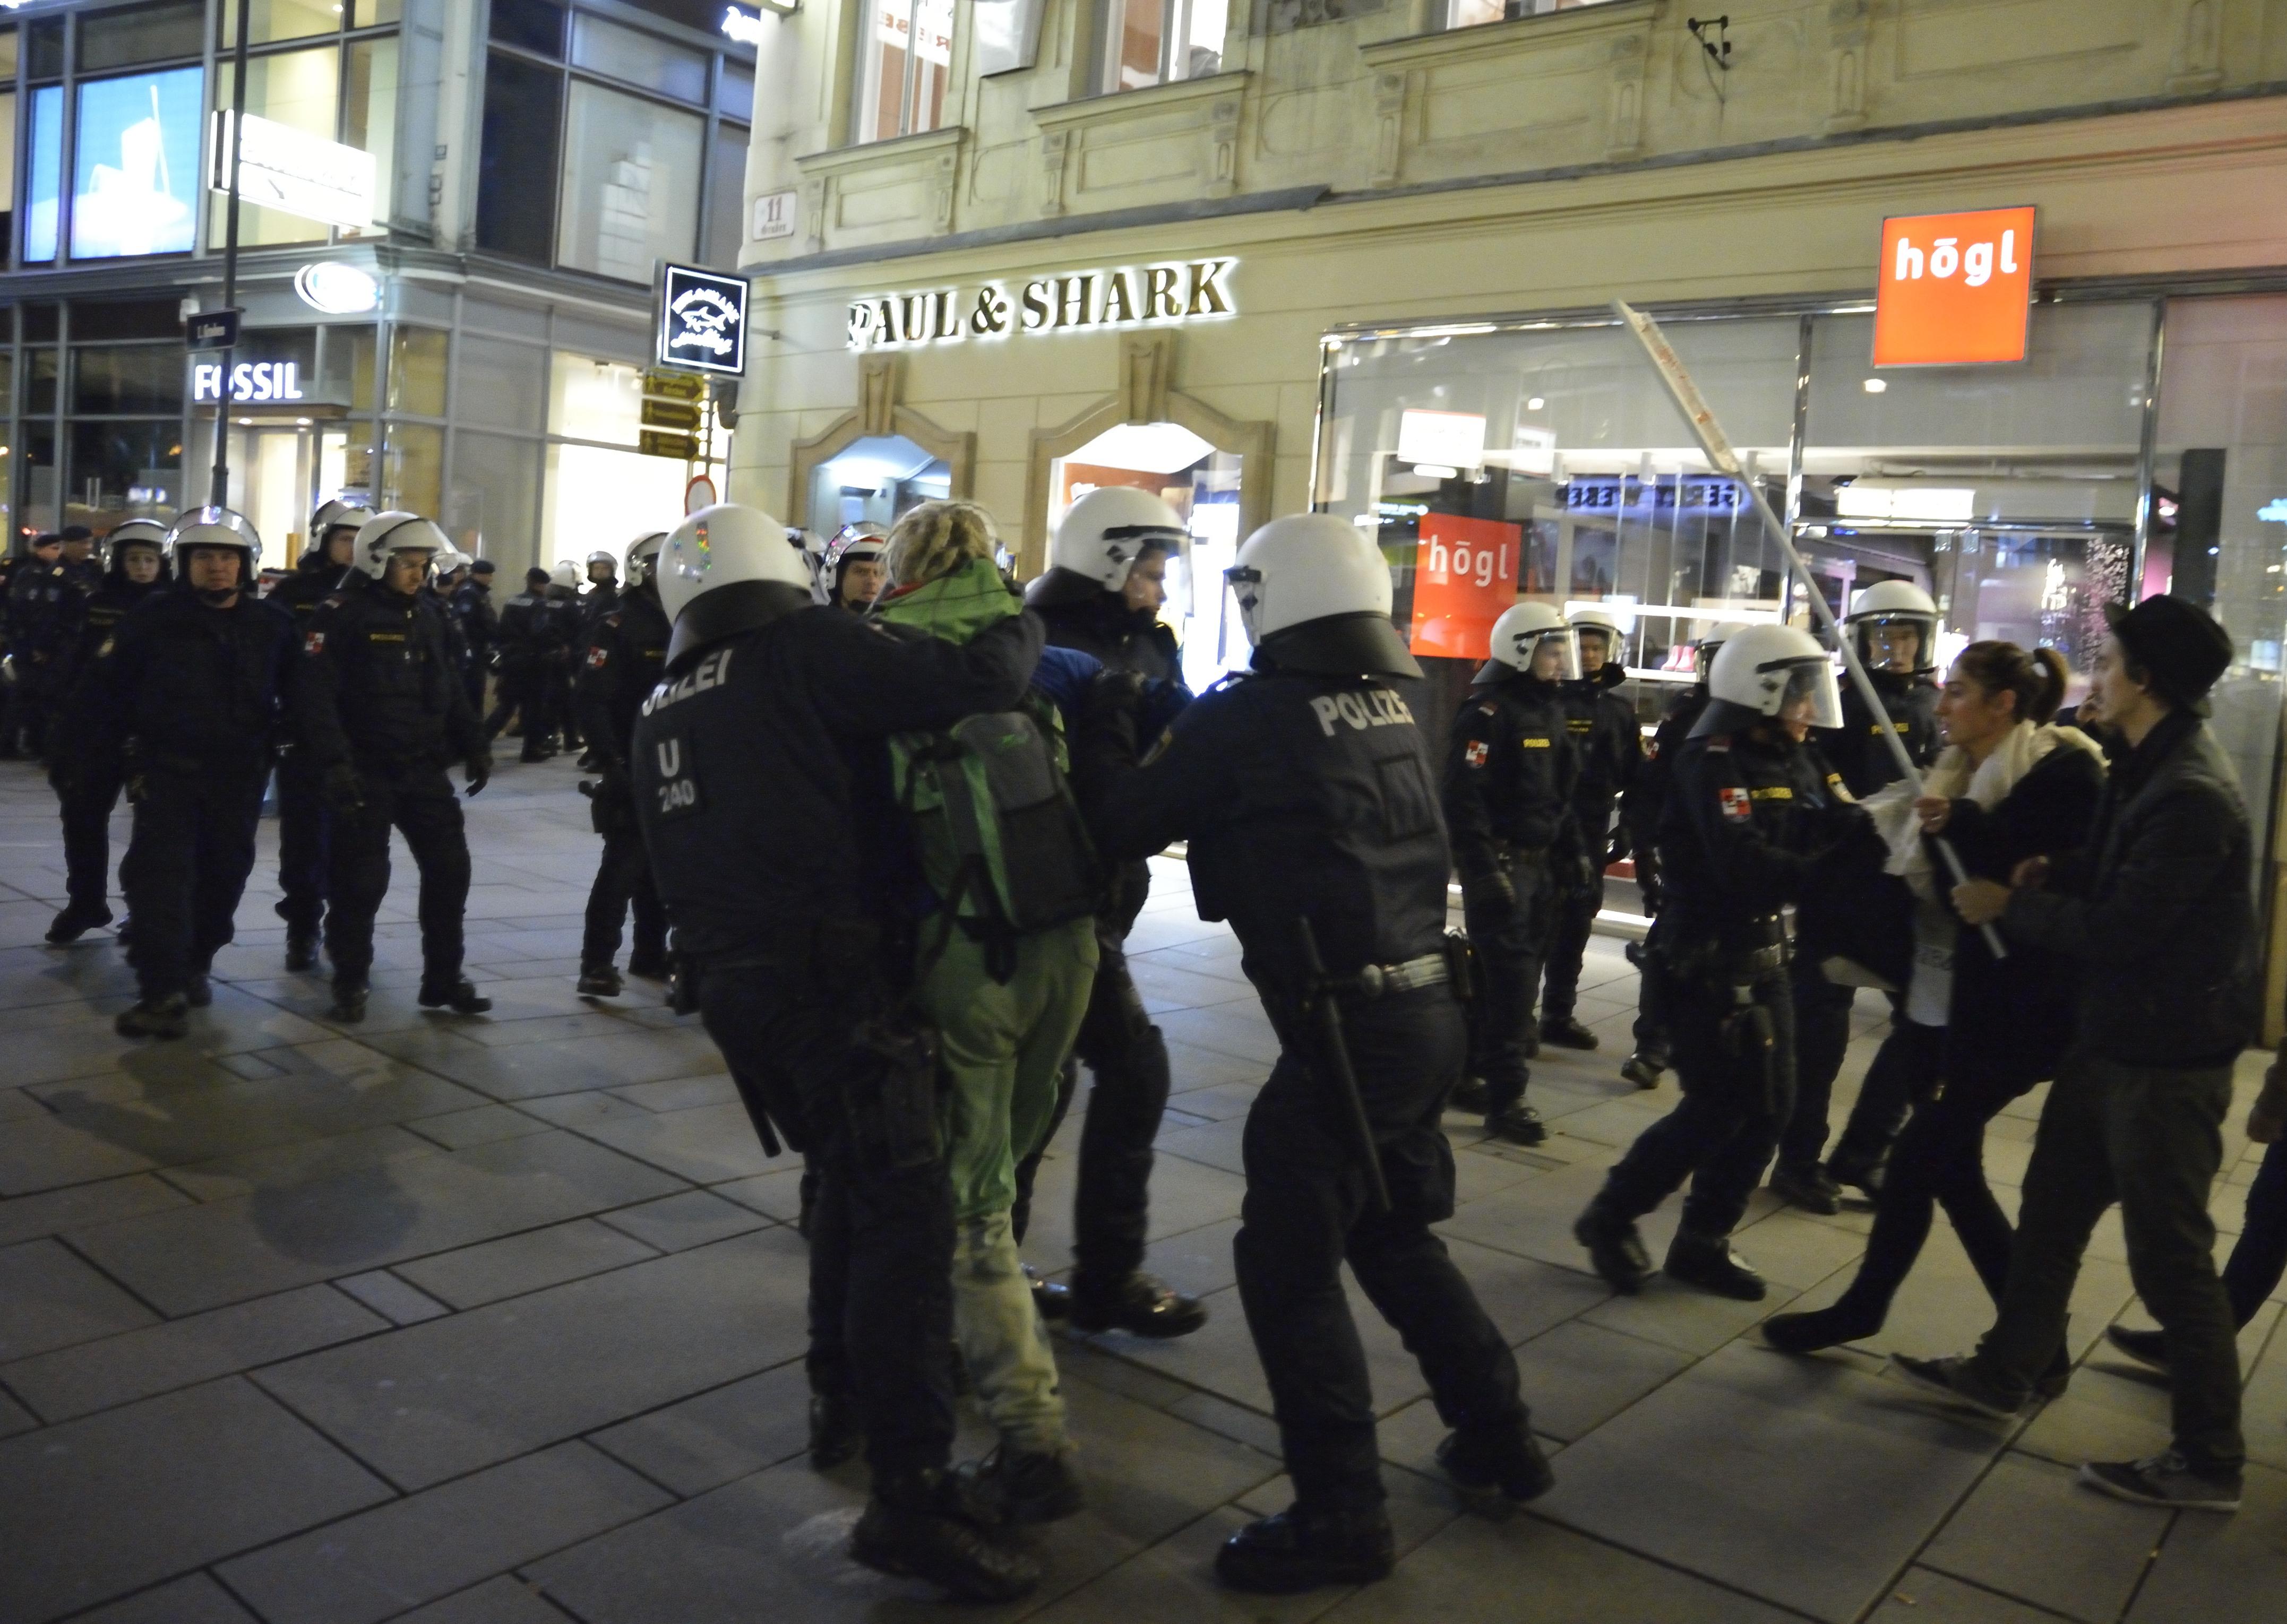 Demo Freitag Wien: Wien: Polizei Löst Antirassistische Kundgebung Am